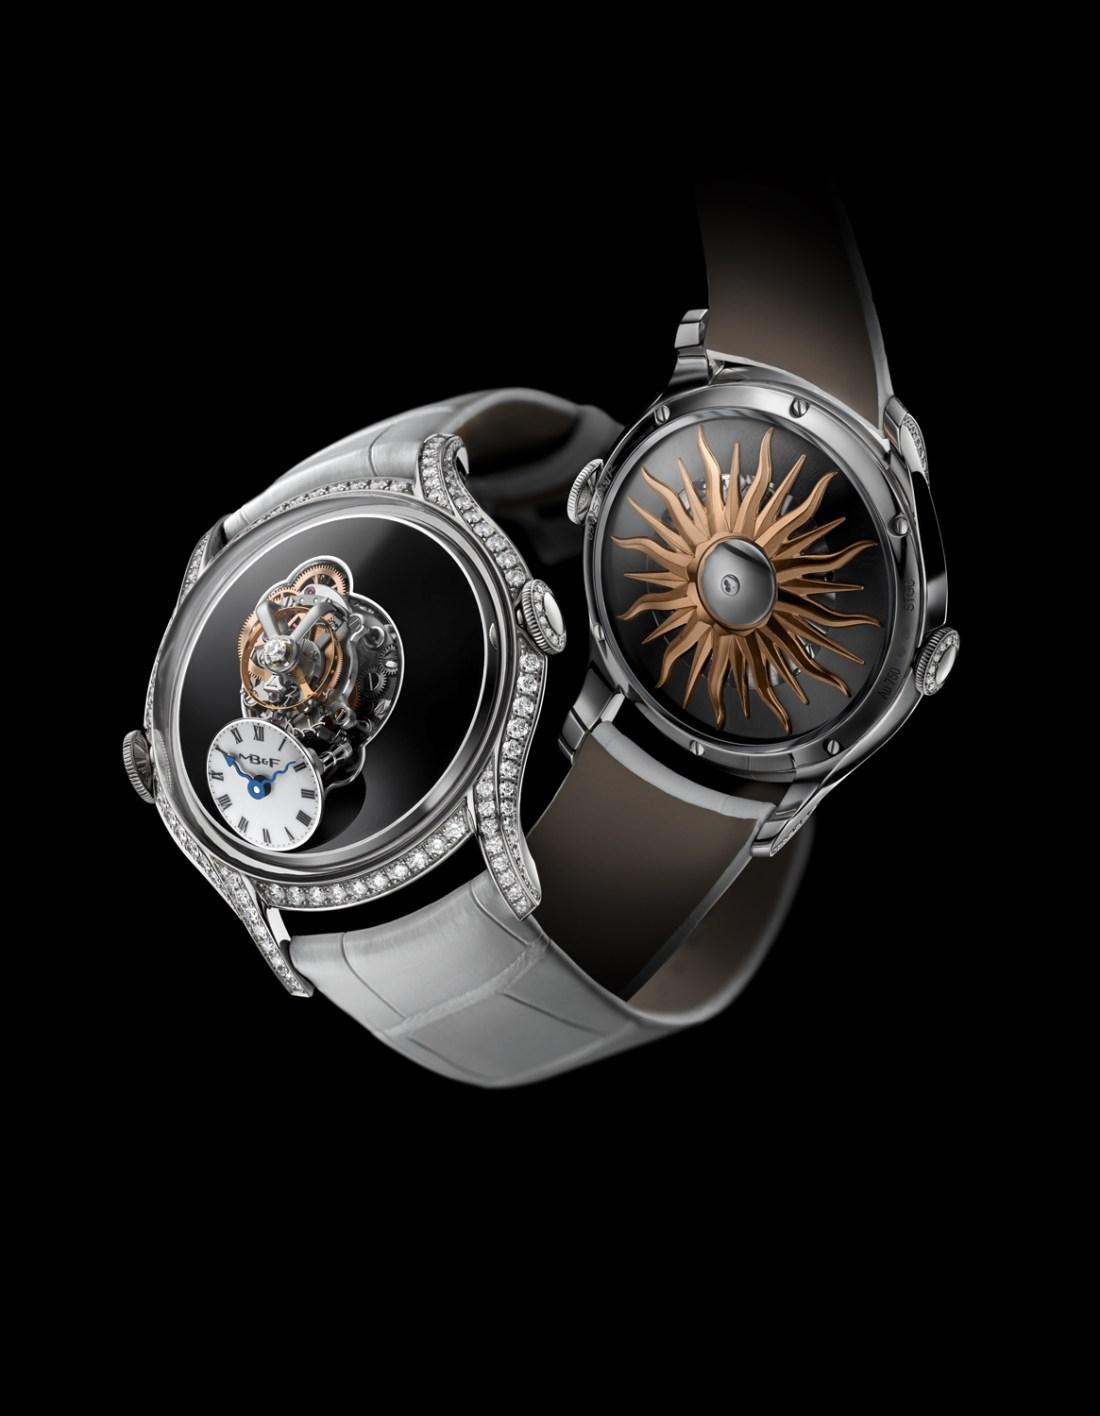 Reloj con correas plateadas y caratula con diamantes visto de frente y por detrás